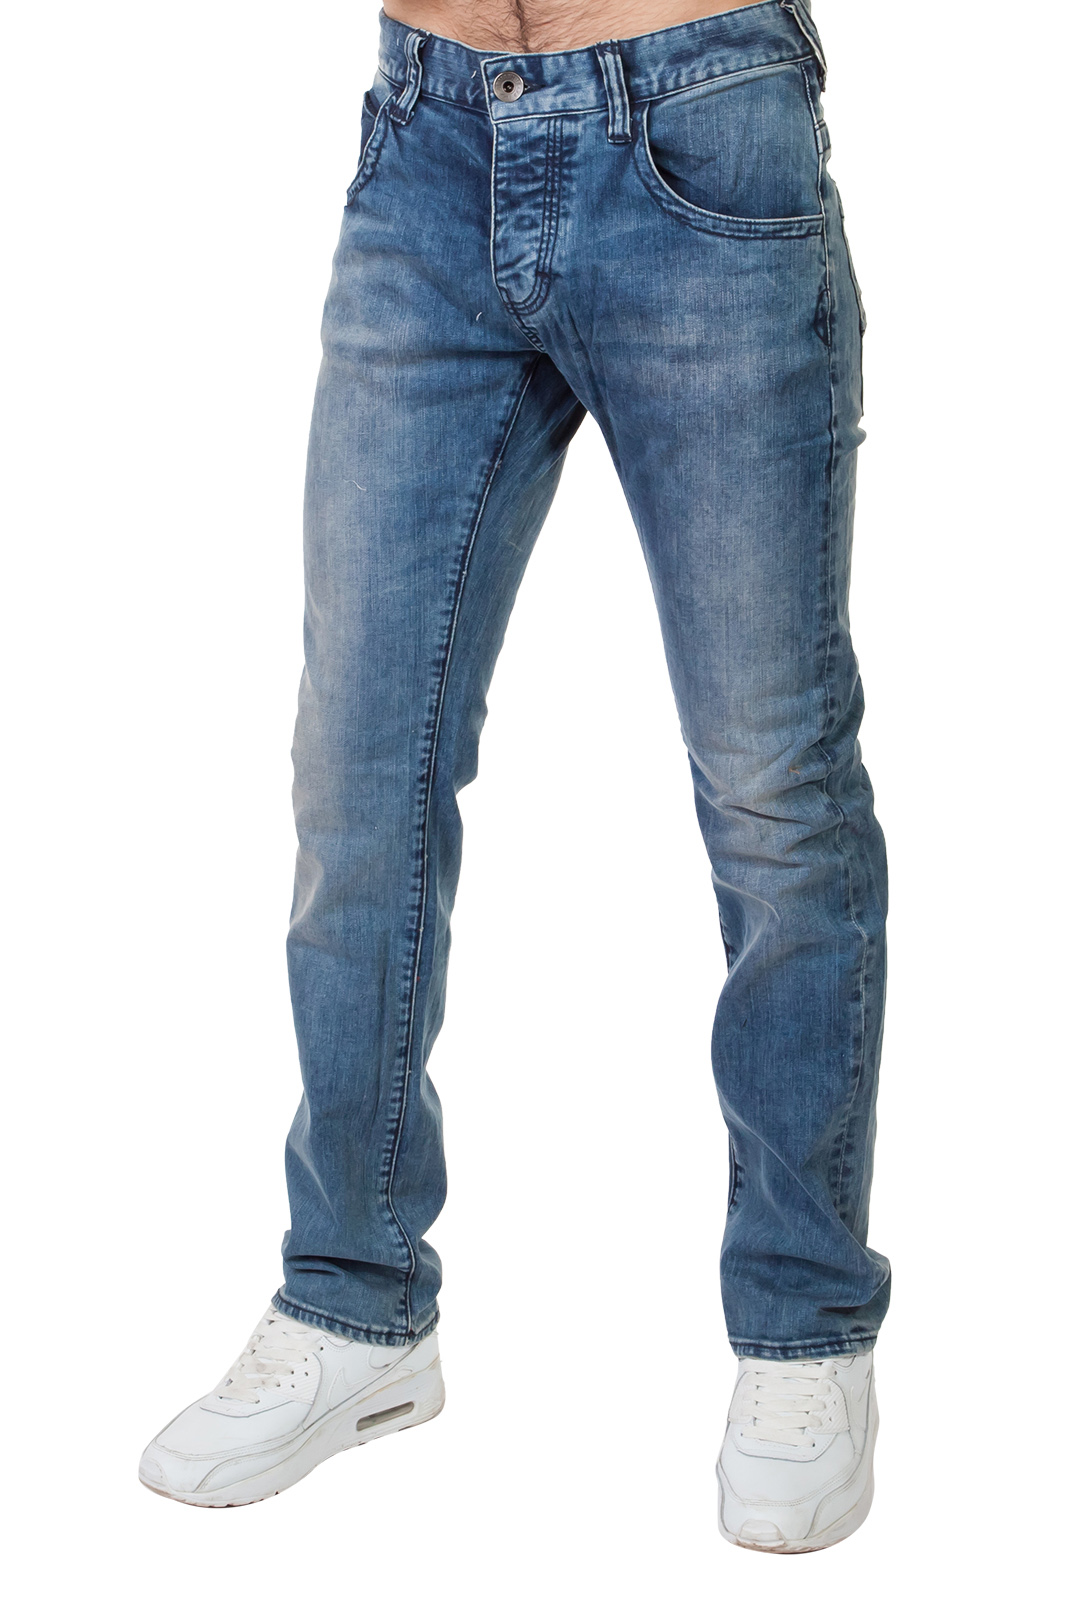 Классические мужские джинсы средней посадки – стильно и удобно